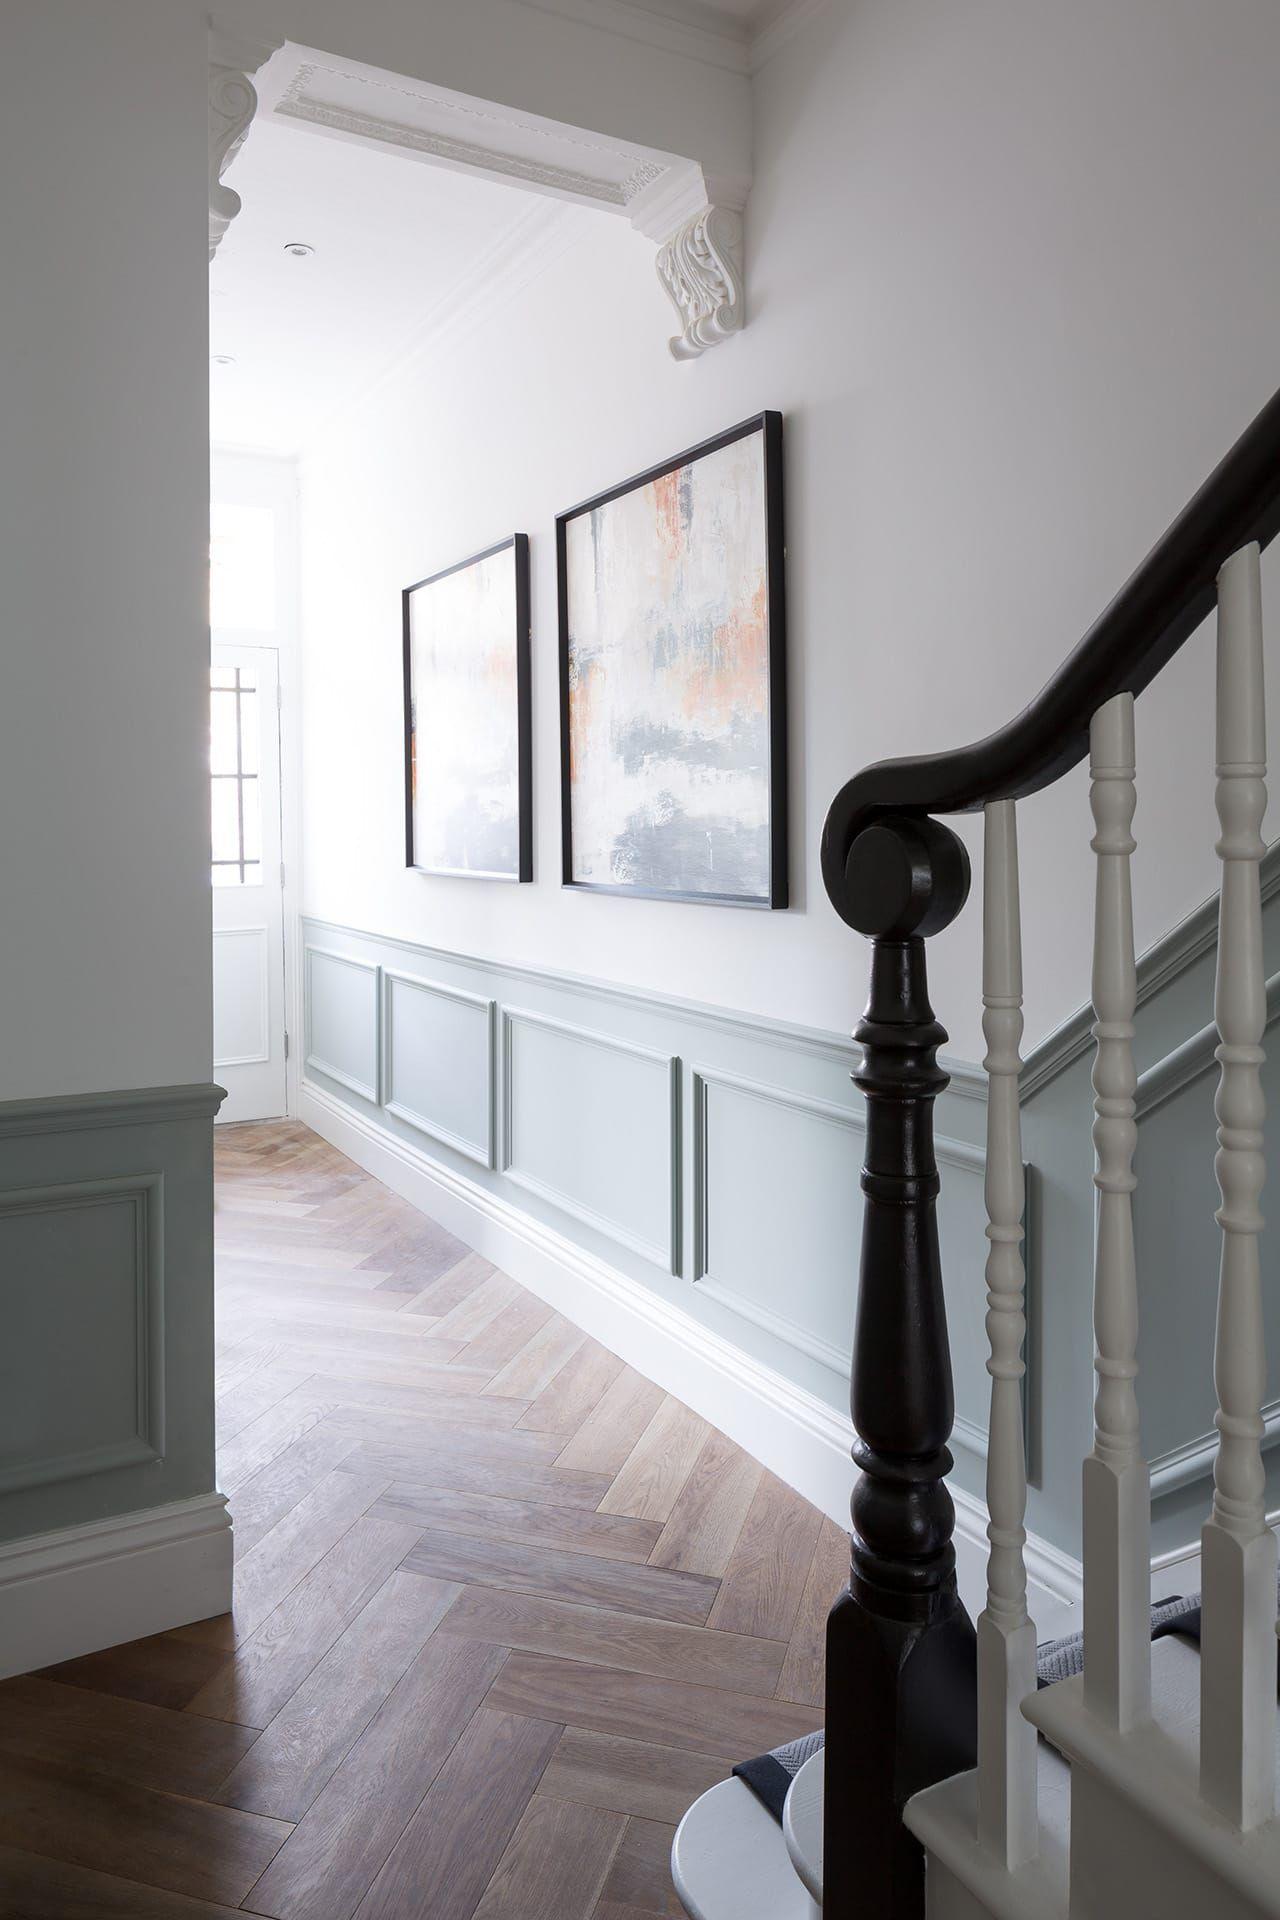 Hall d\'entrée parquet chaud et couvre mur couleur pastel. | Deco in ...